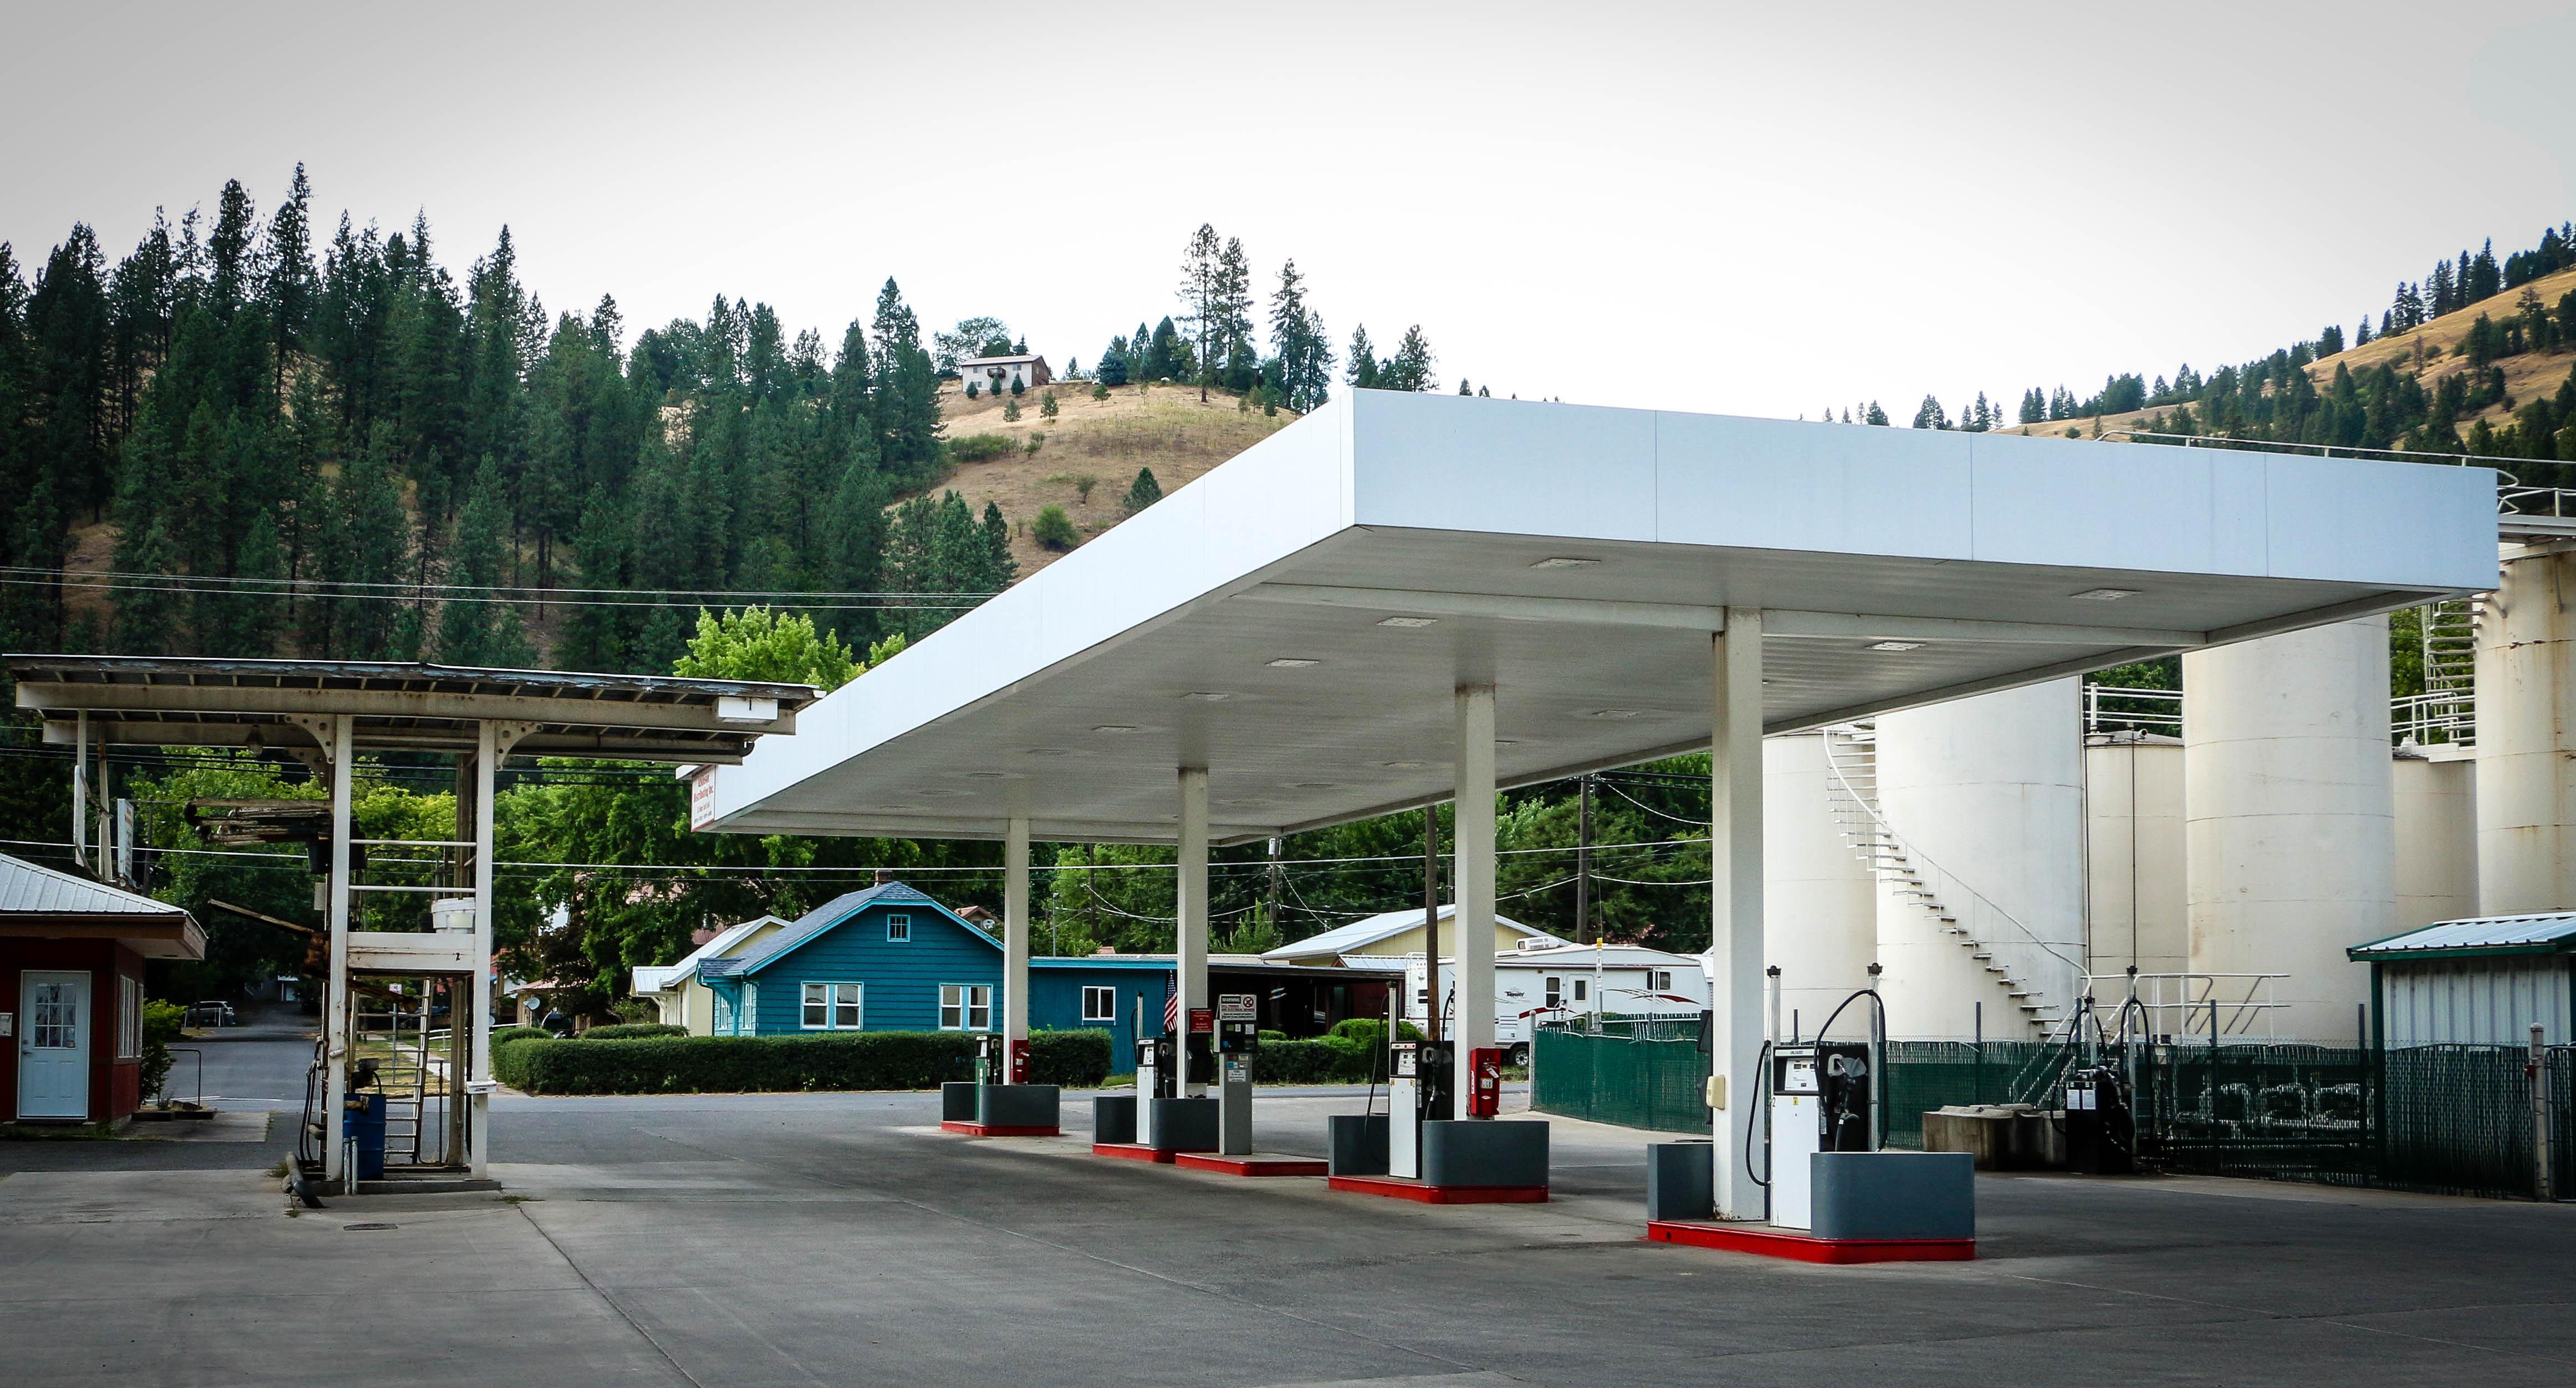 Gas/Fuel Services